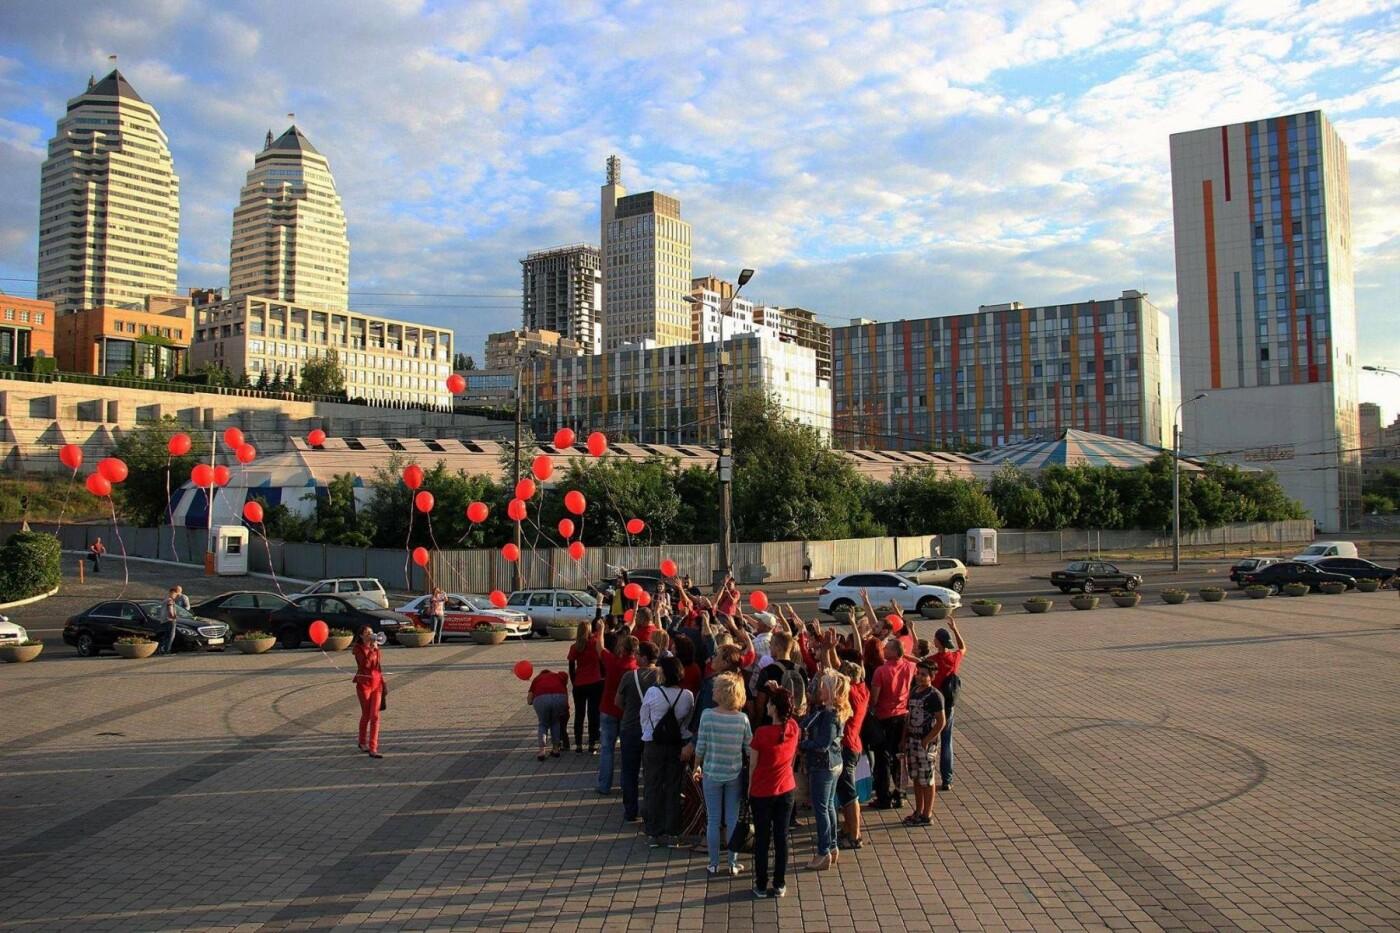 Одевайтесь в красное: в Днепре состоится красочный флешмоб в поддержку доноров, - ФОТО, фото-4